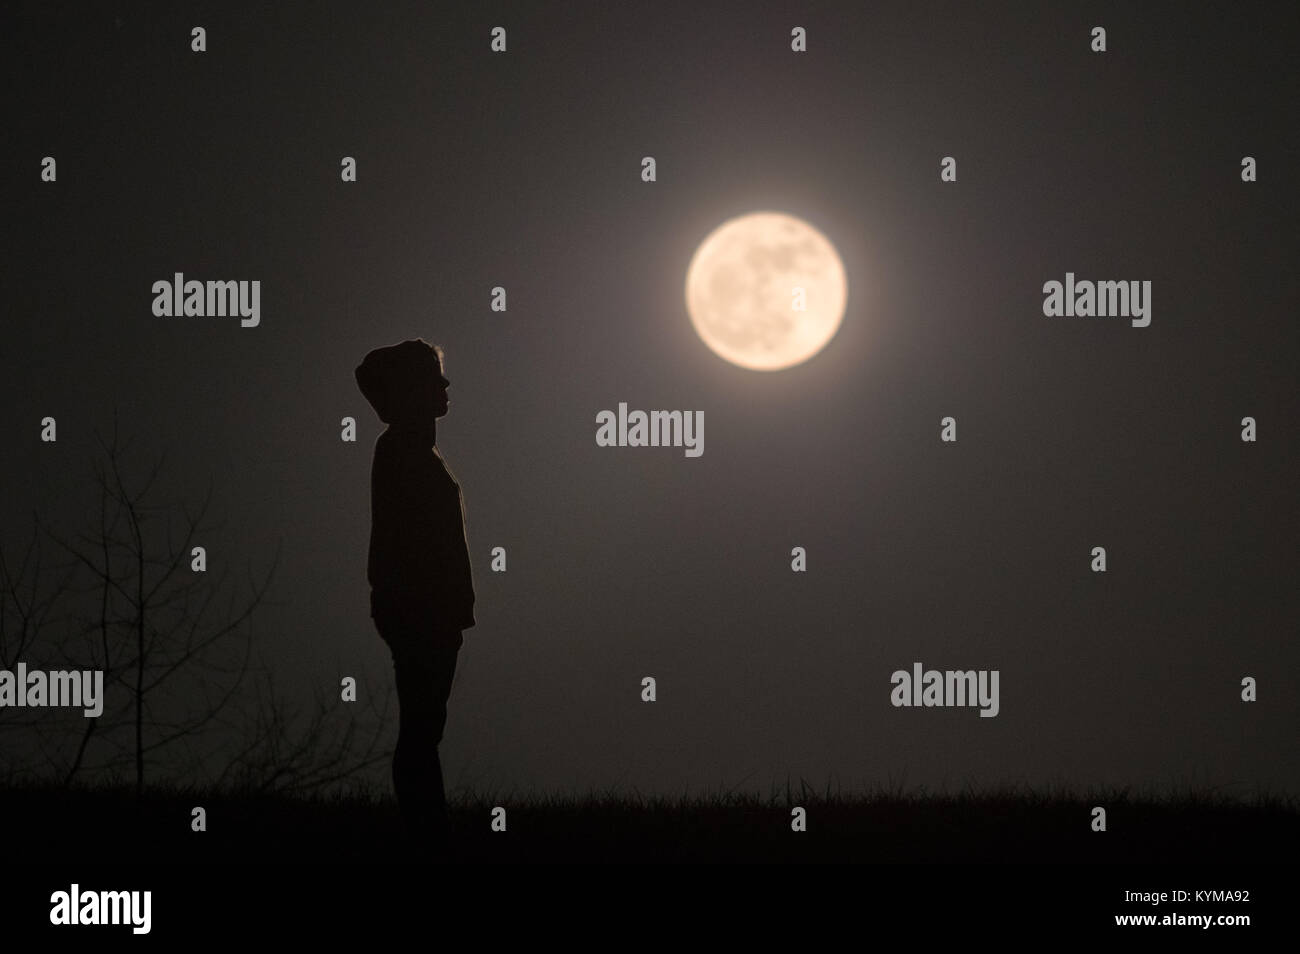 Una vista de perfil de una chica que llevaba una chaqueta con capucha está silueteado rodeado por la oscuridad Imagen De Stock